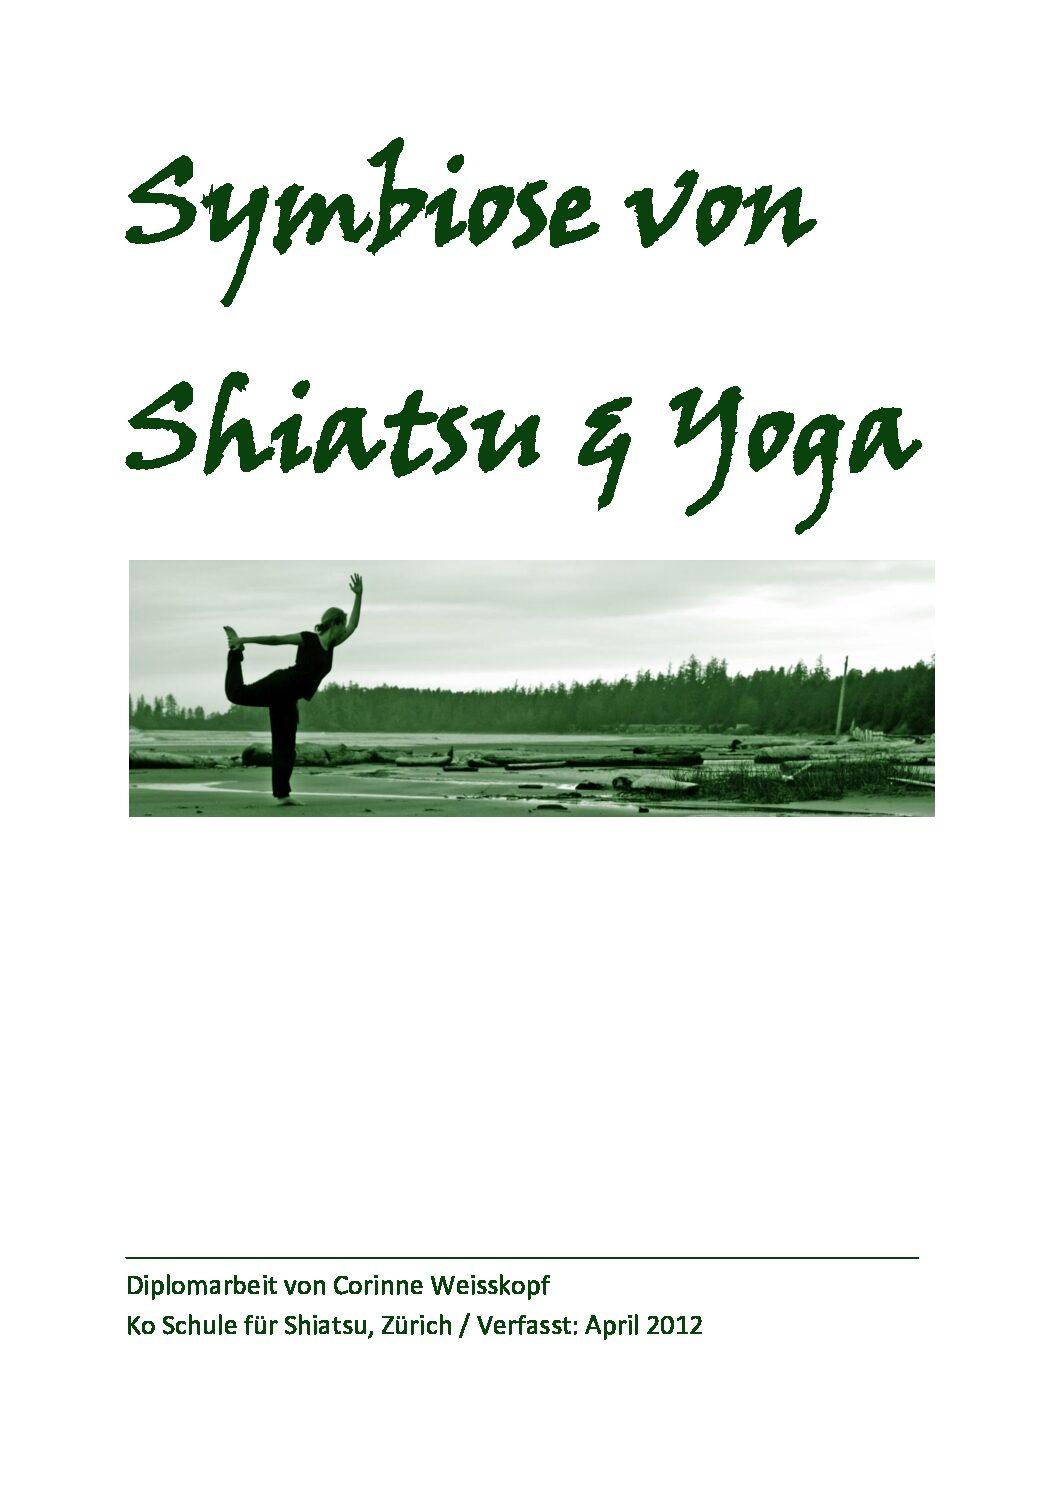 Symbiose von Shiatsu und Yoga (2012, Corinne Weisskopf )